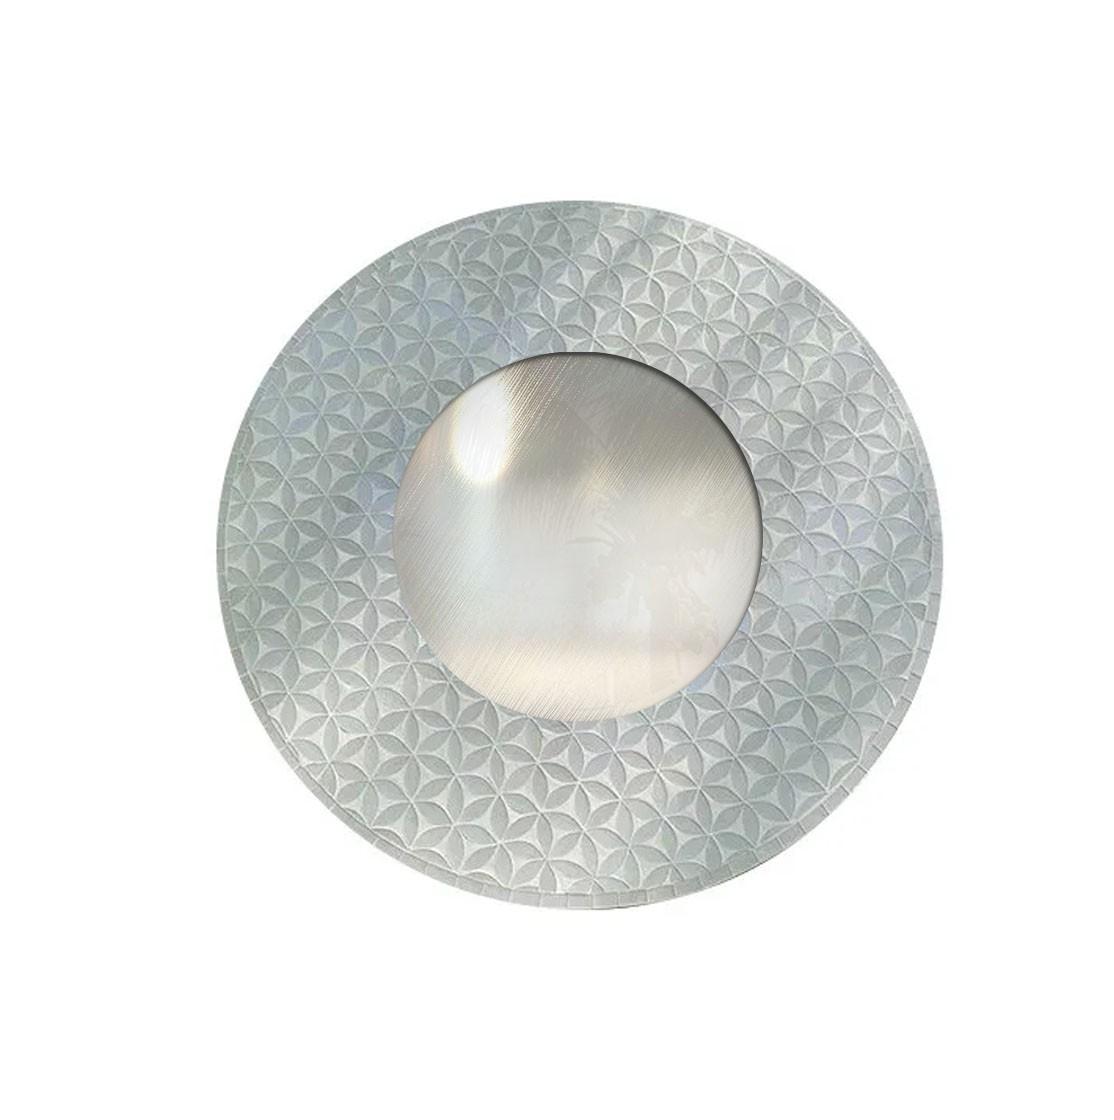 Espelho em Mosaico - Moldura em MDF com Mosaicos de Flores (Branco) [80 cm]